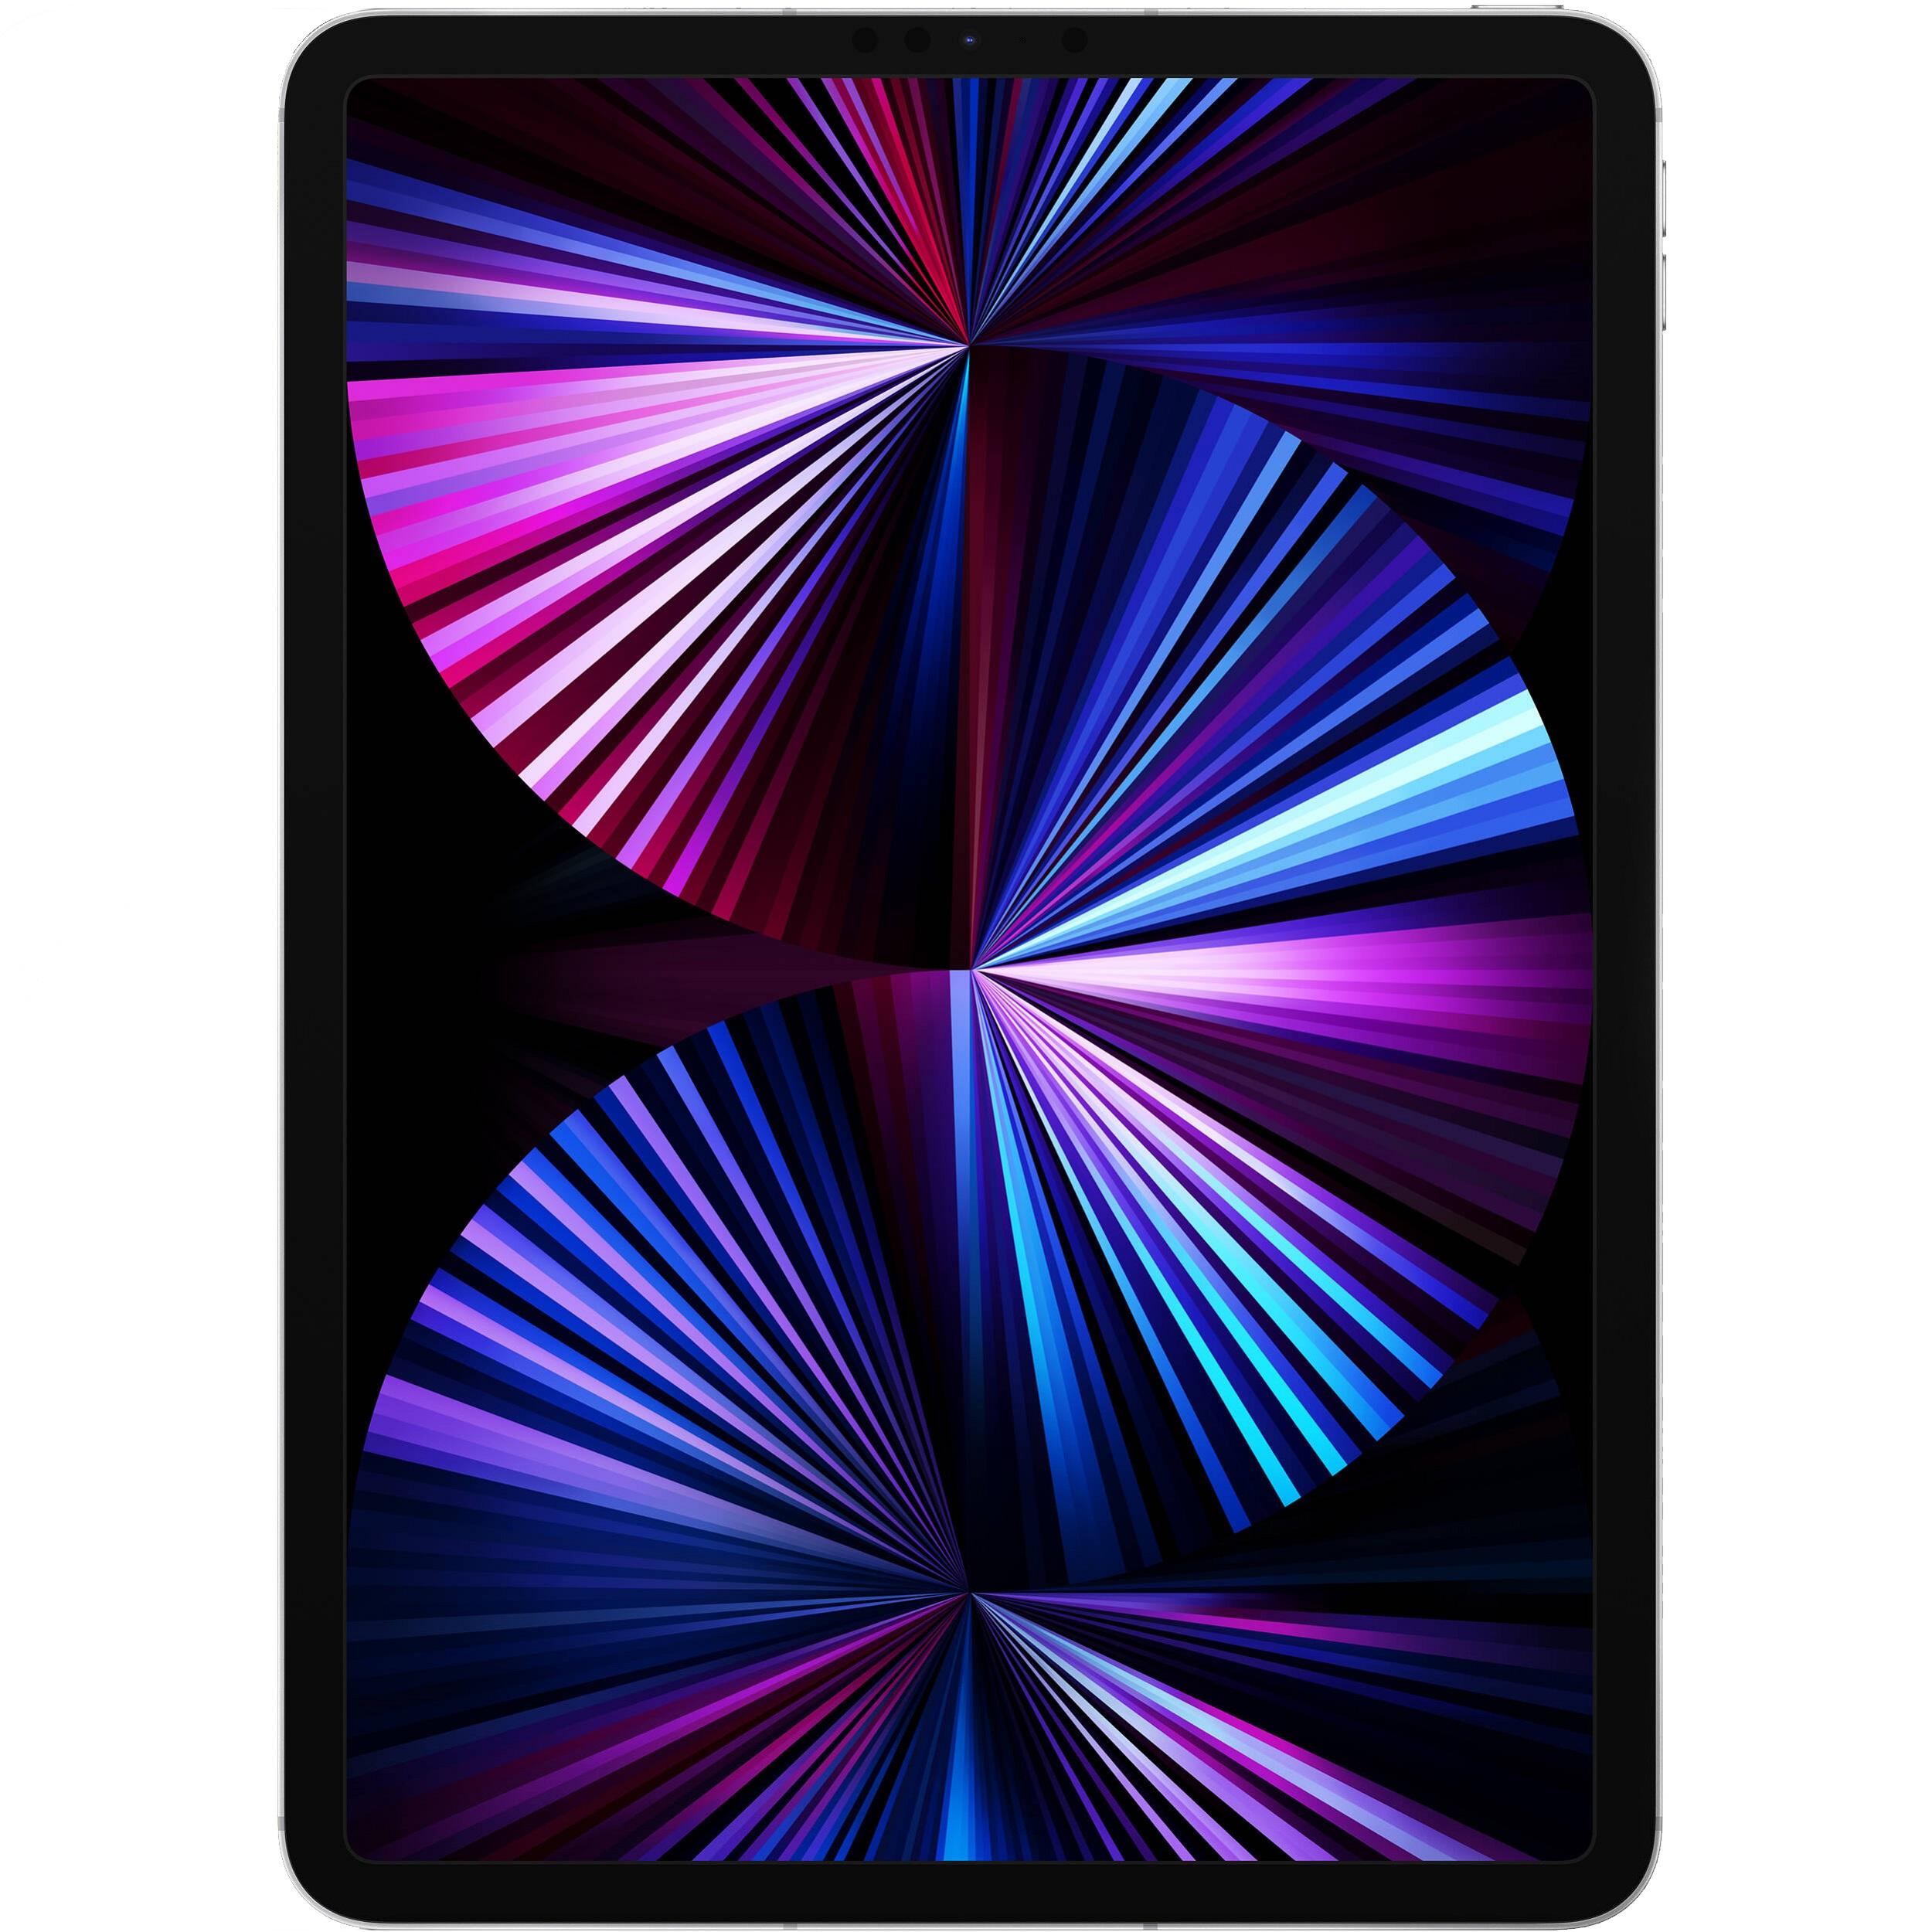 فروش نقدی و اقساطی تبلت اپل مدل iPad Pro 11 inch 2021 5G ظرفیت 128 گیگابایت